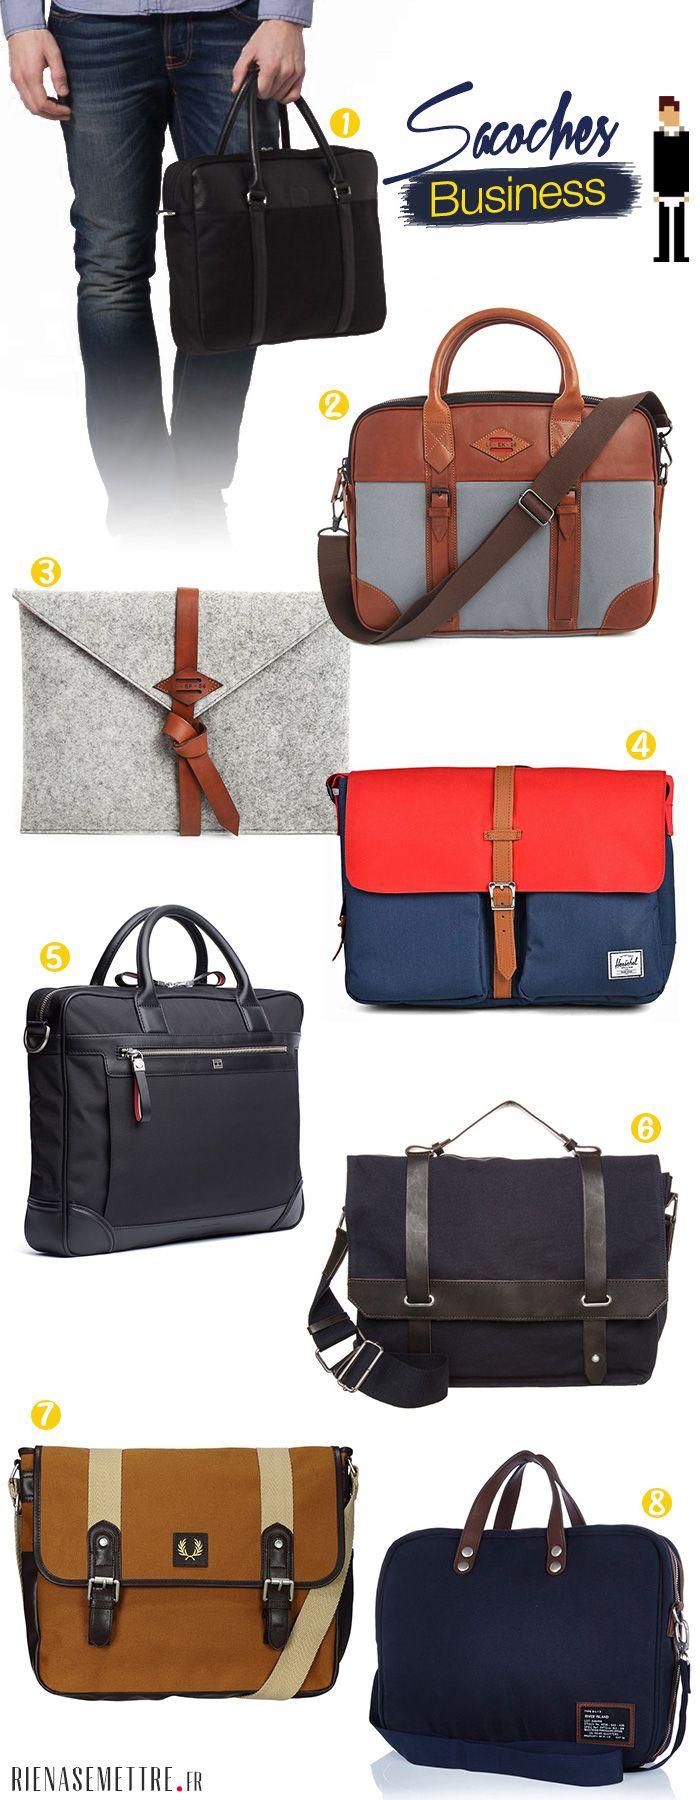 Trouvez la sacoche ordinateur idéale pour la rentrée : notre sélection de 8 sacs et pochettes pour transporter vos documents avec élégance